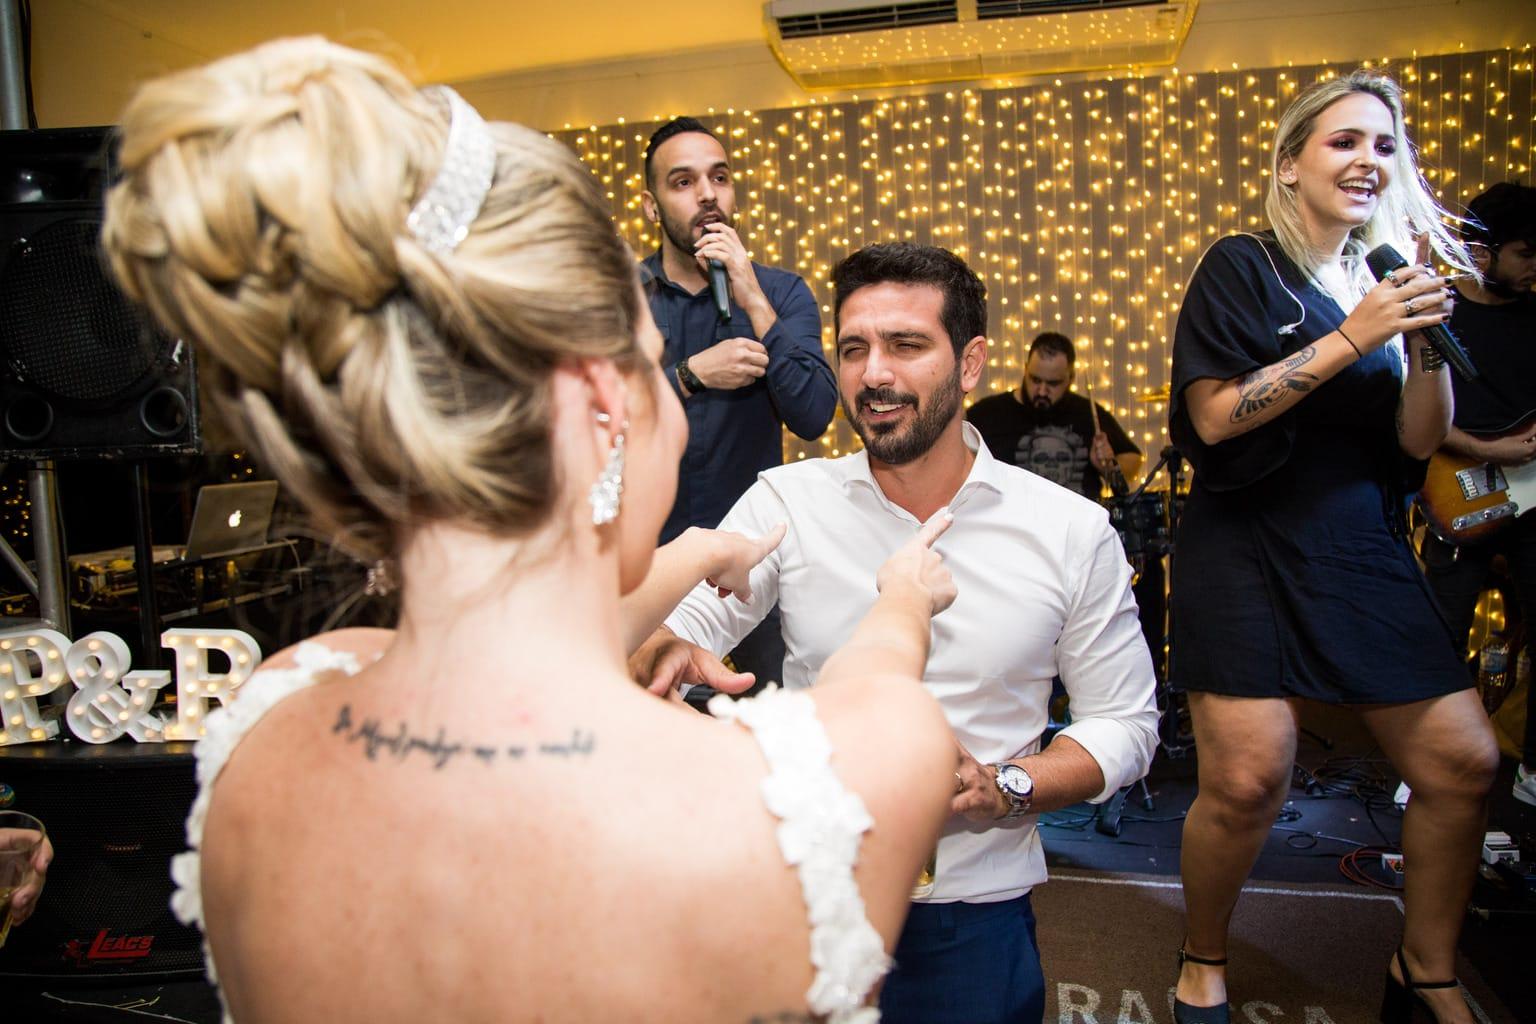 casamento-clássico-casamento-tradicional-rio-de-janeiro-niterói-Fotografia-Giovani-Garcia-casamento-Cássia-e-Daniel-22-1